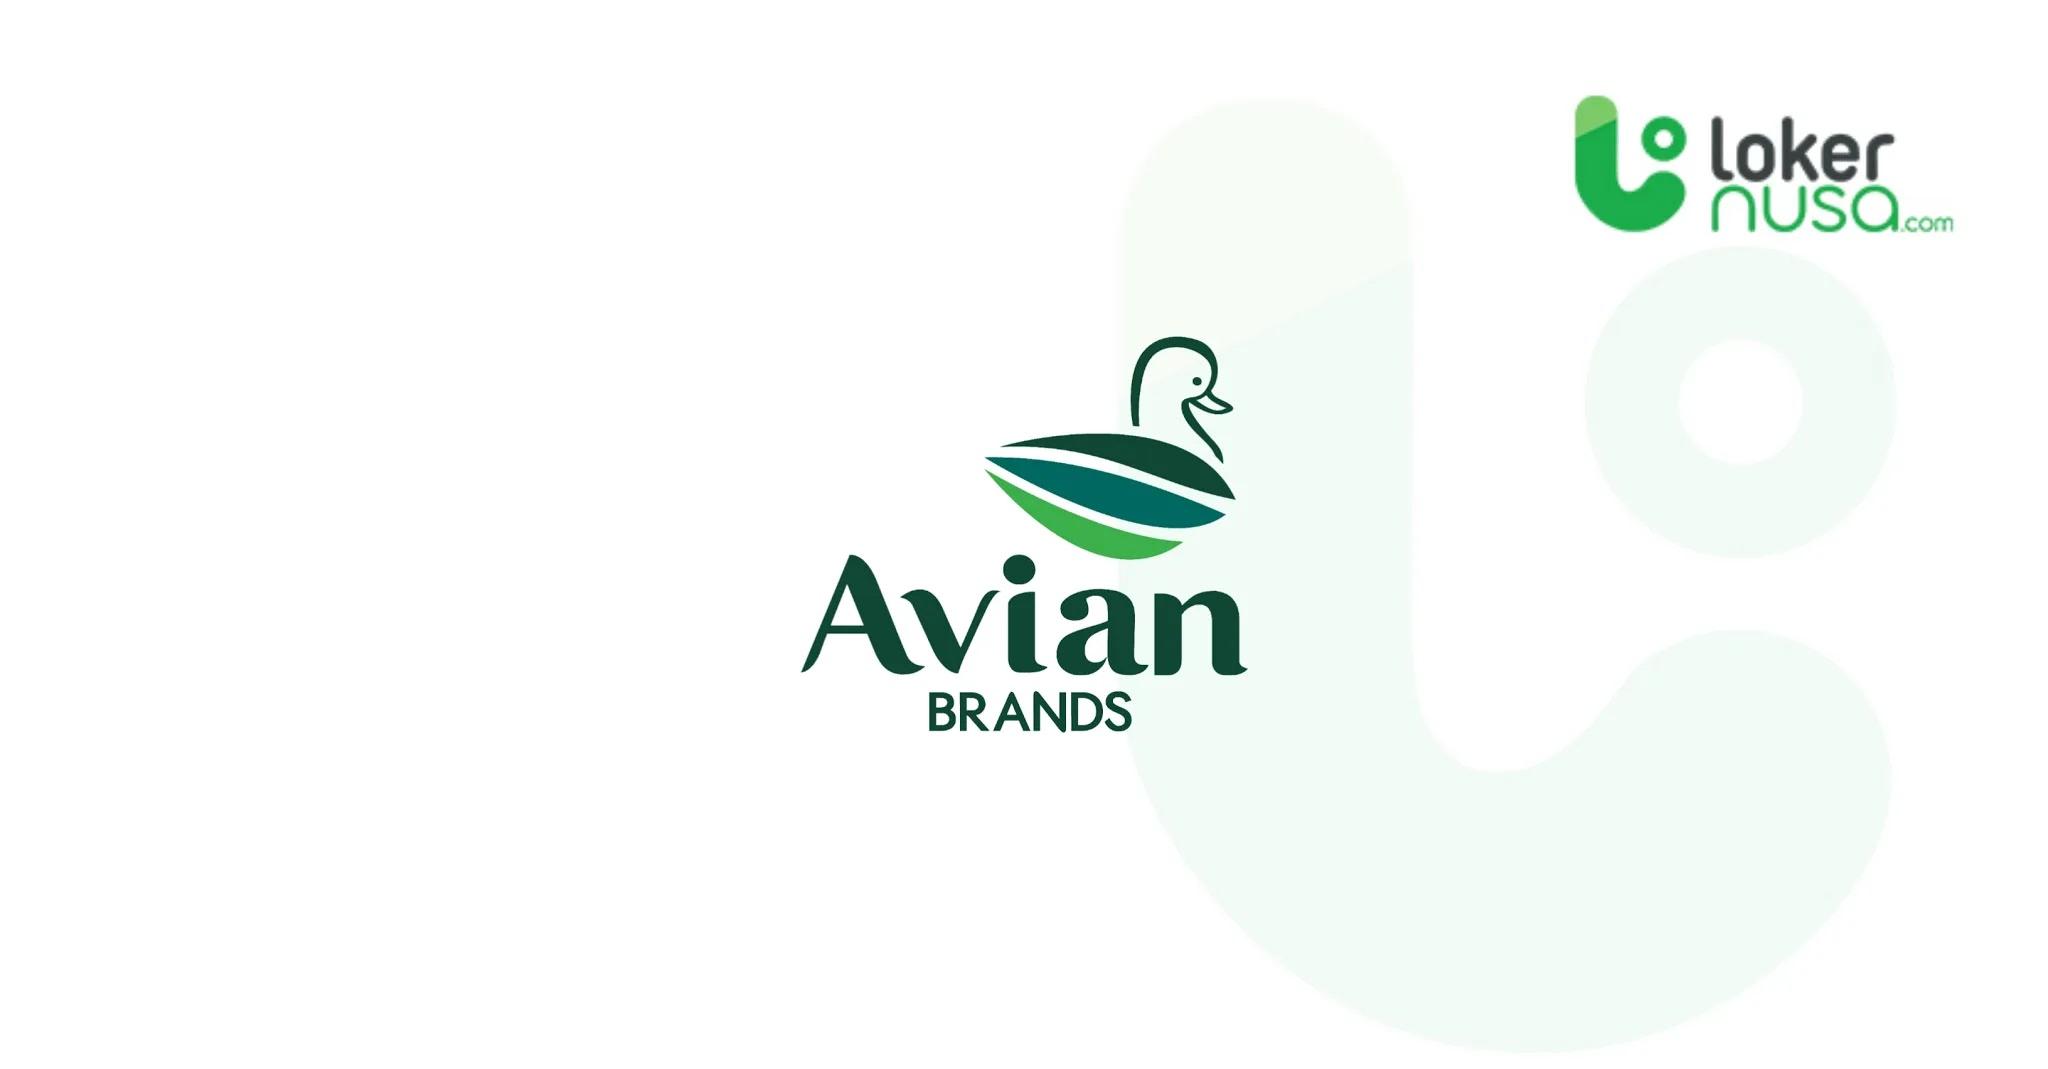 Lowongan Kerja Juli 2021 Avian